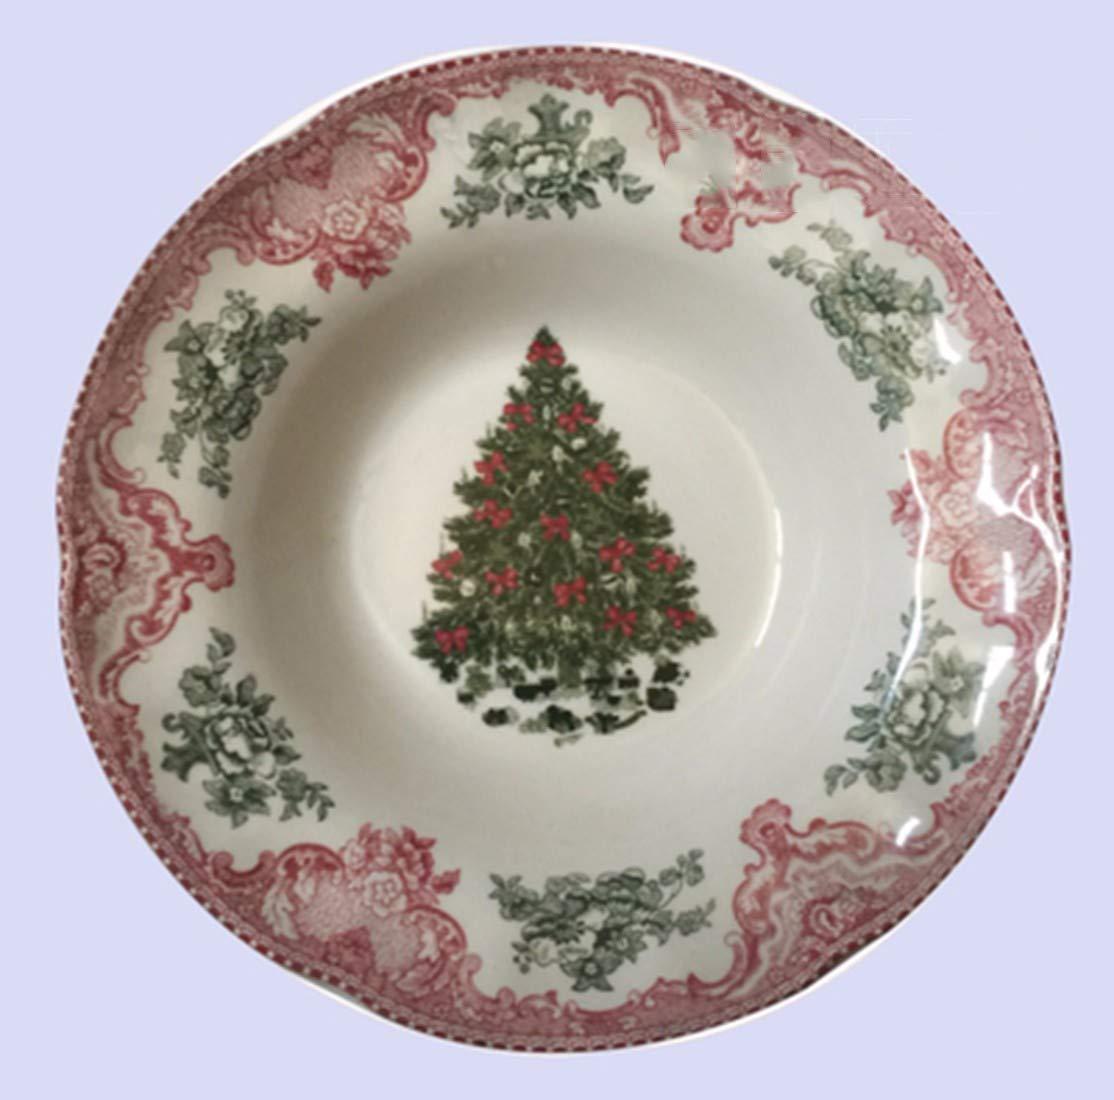 F  QPGGP-vaisselle Anglo American Christmas série d'assiettes, Plats de Plats, Bols d'eau vaisselles décoratives,h